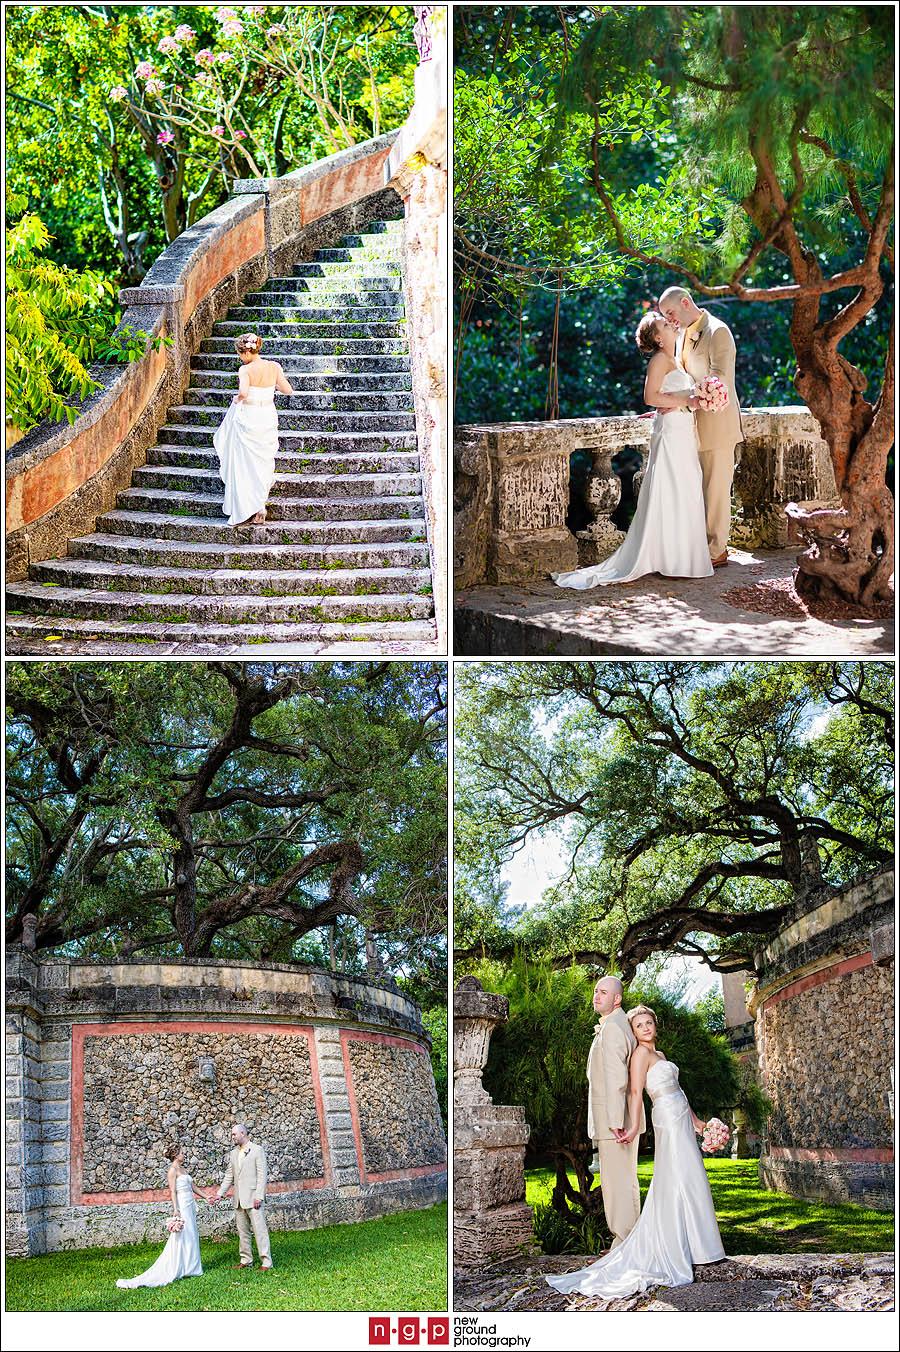 Outdoor Wedding Venues In South Florida - Wedding Ideas 2018